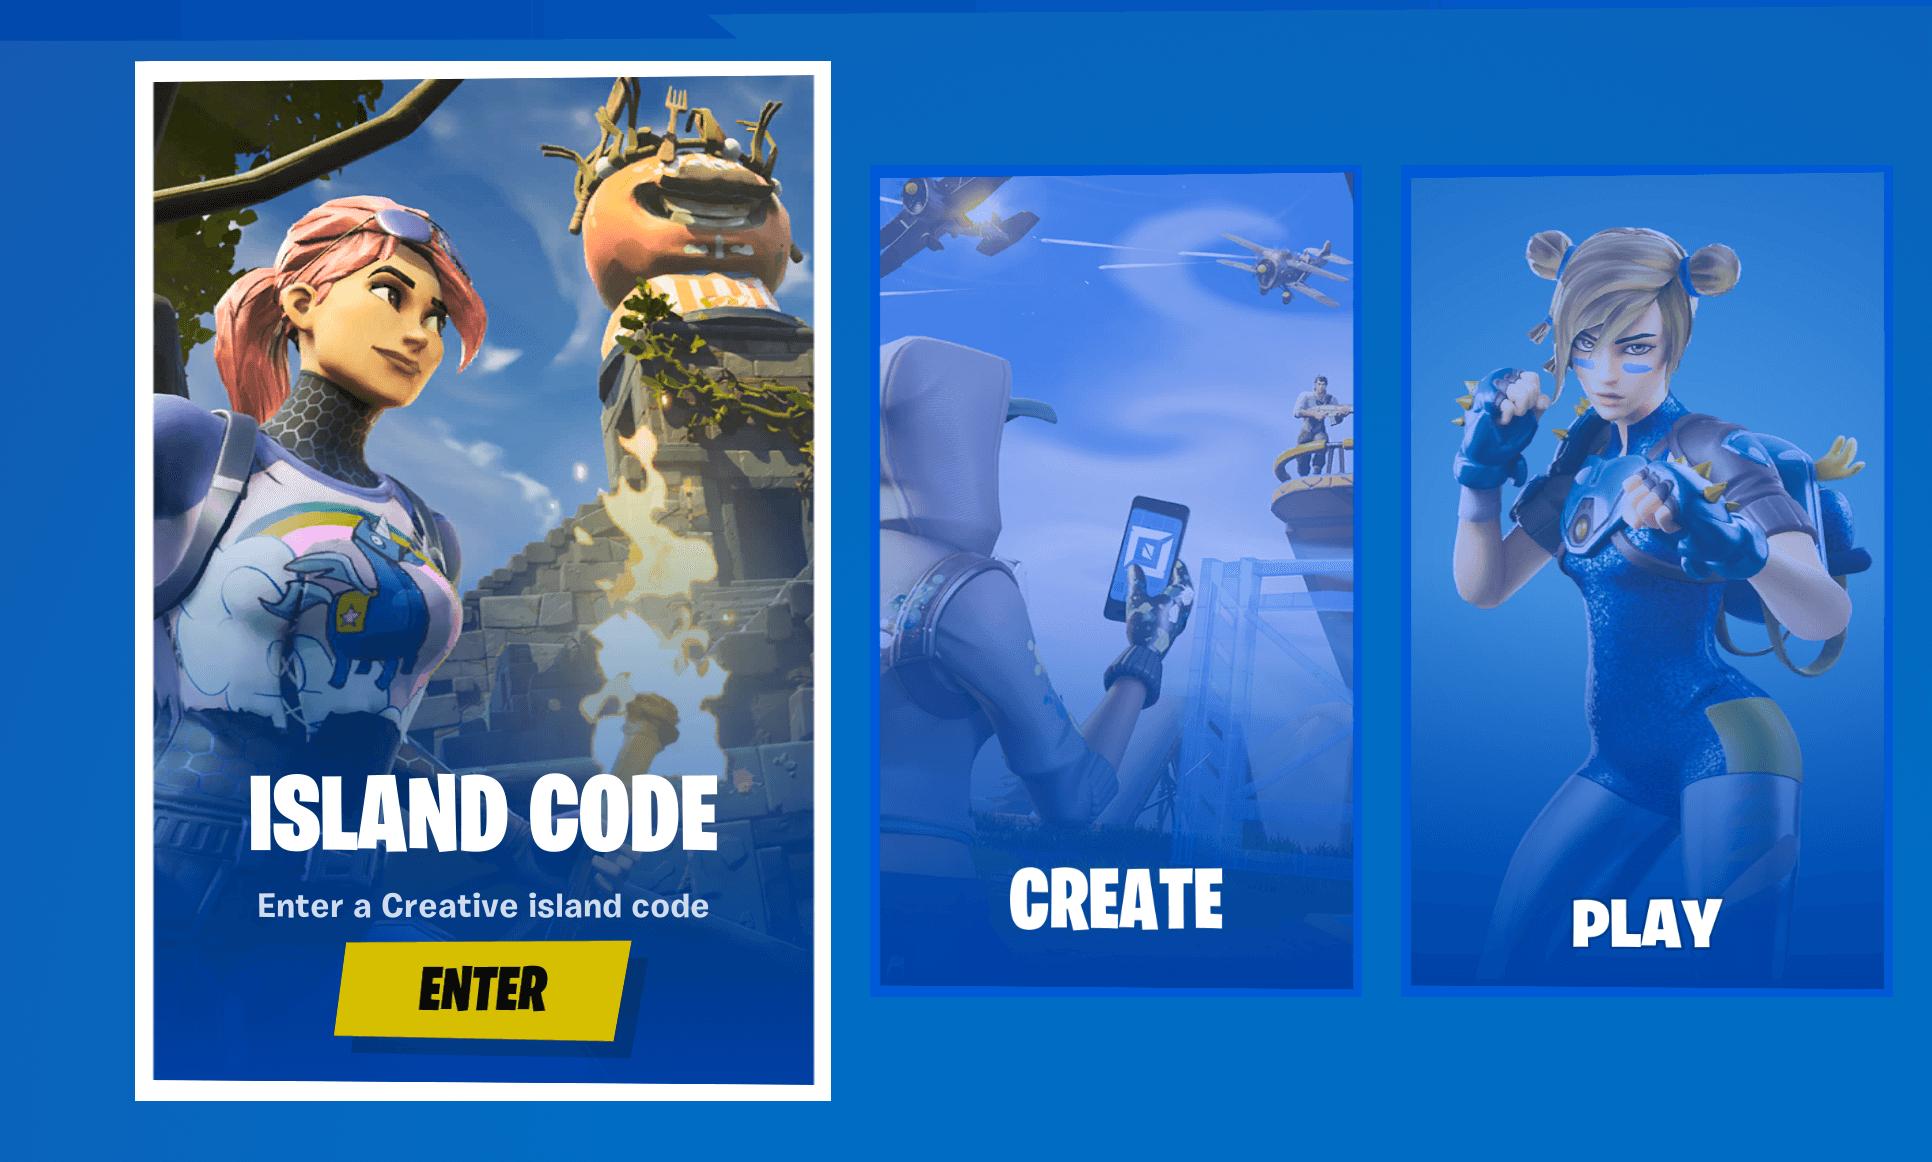 Island Code Image